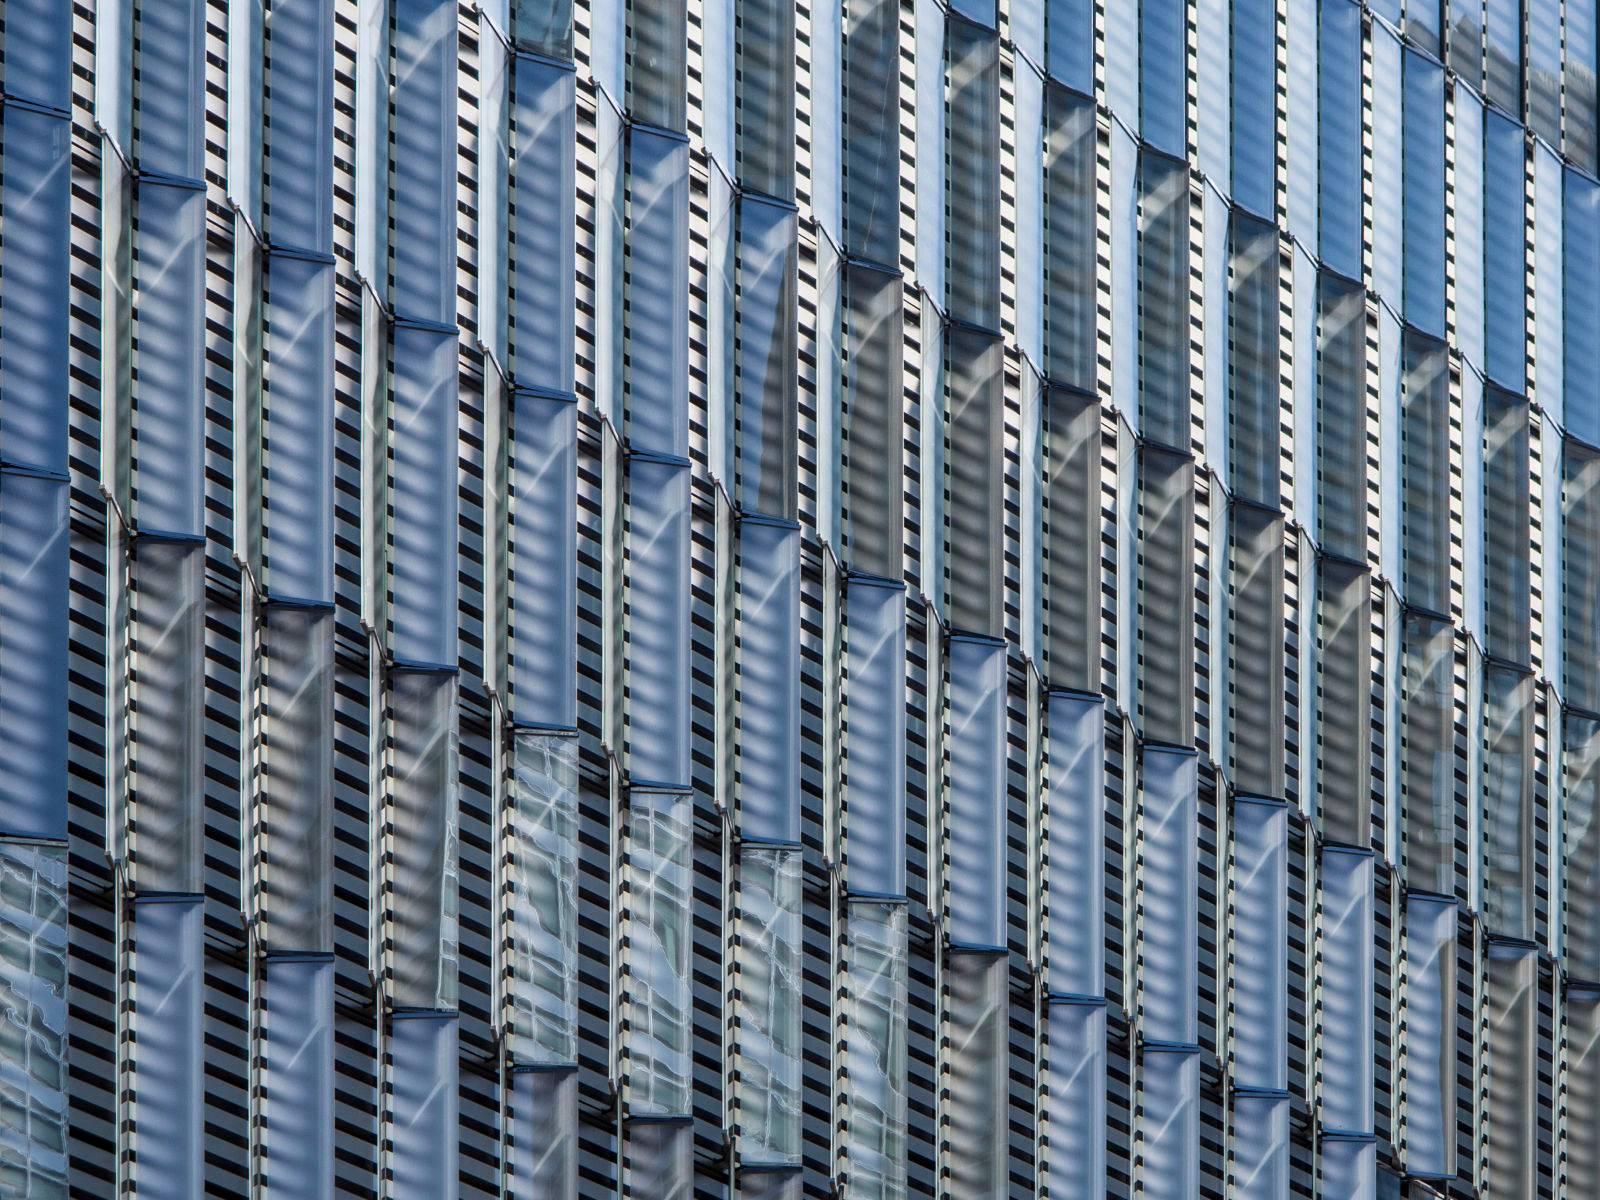 1wtc_facade.jpg